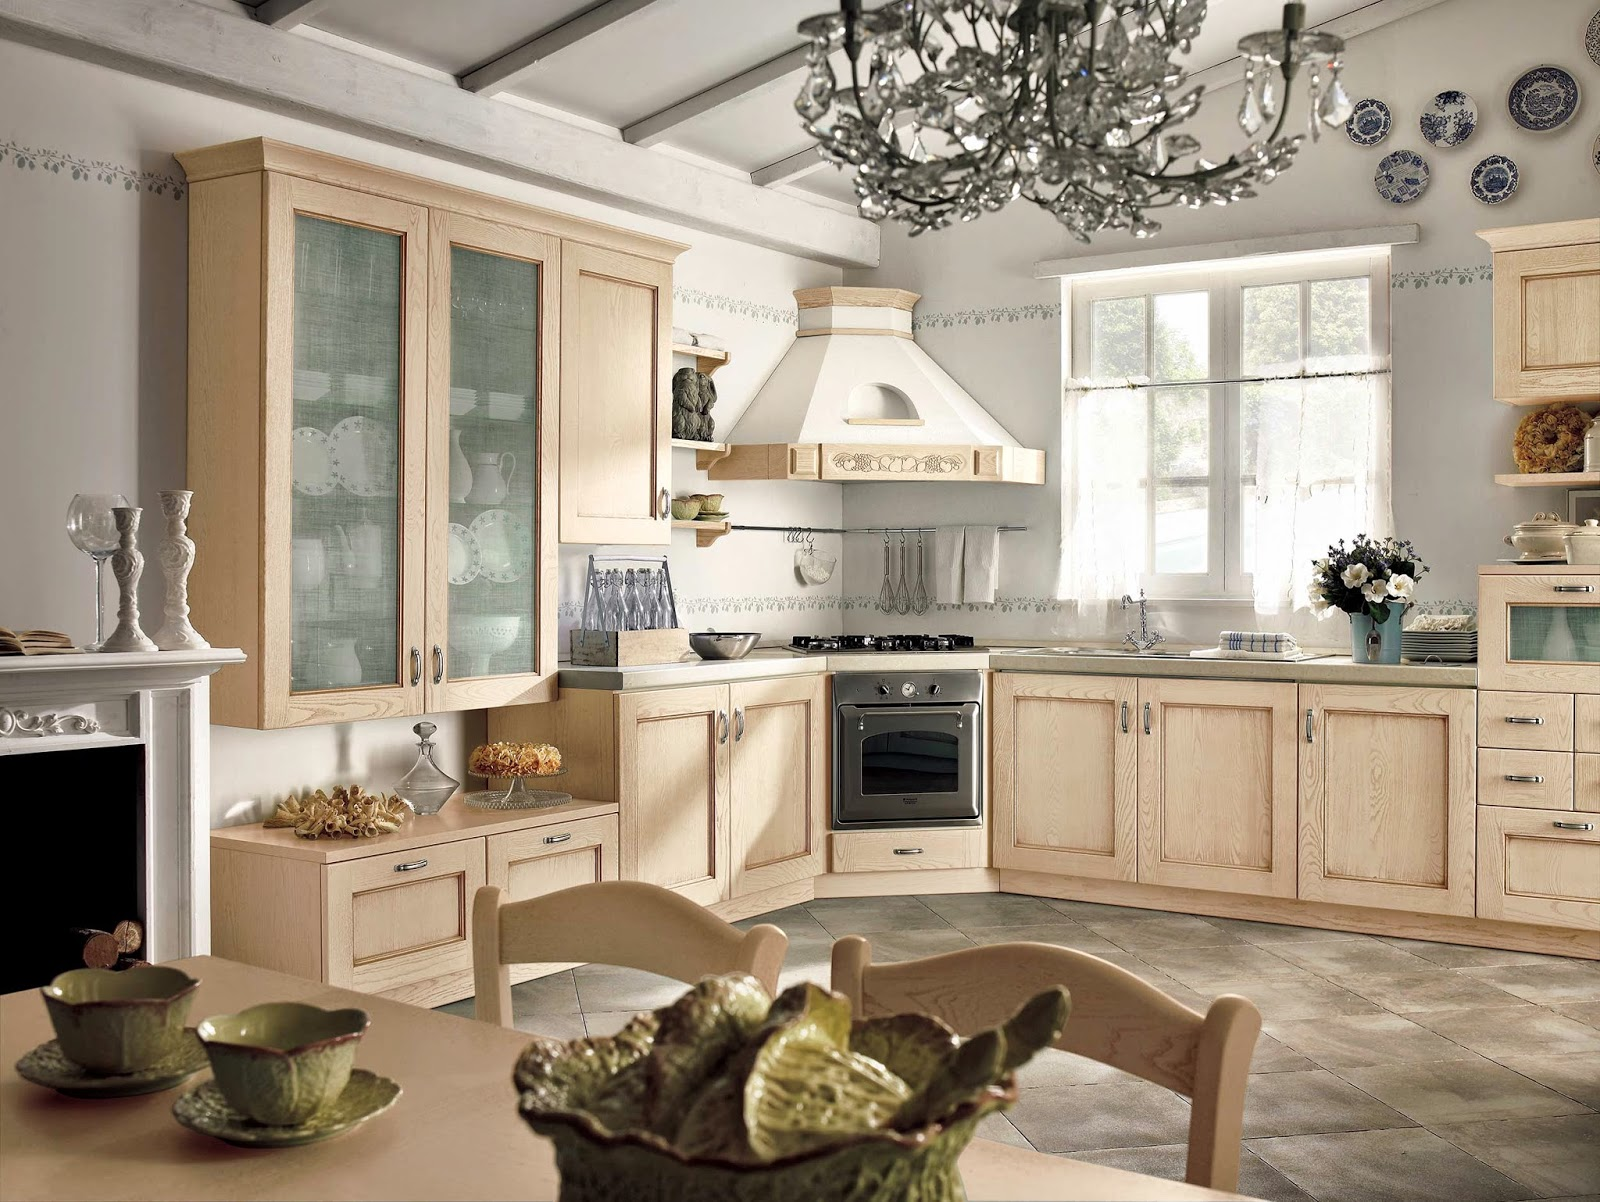 Piastrelle dietro cucina country decorazione cucina